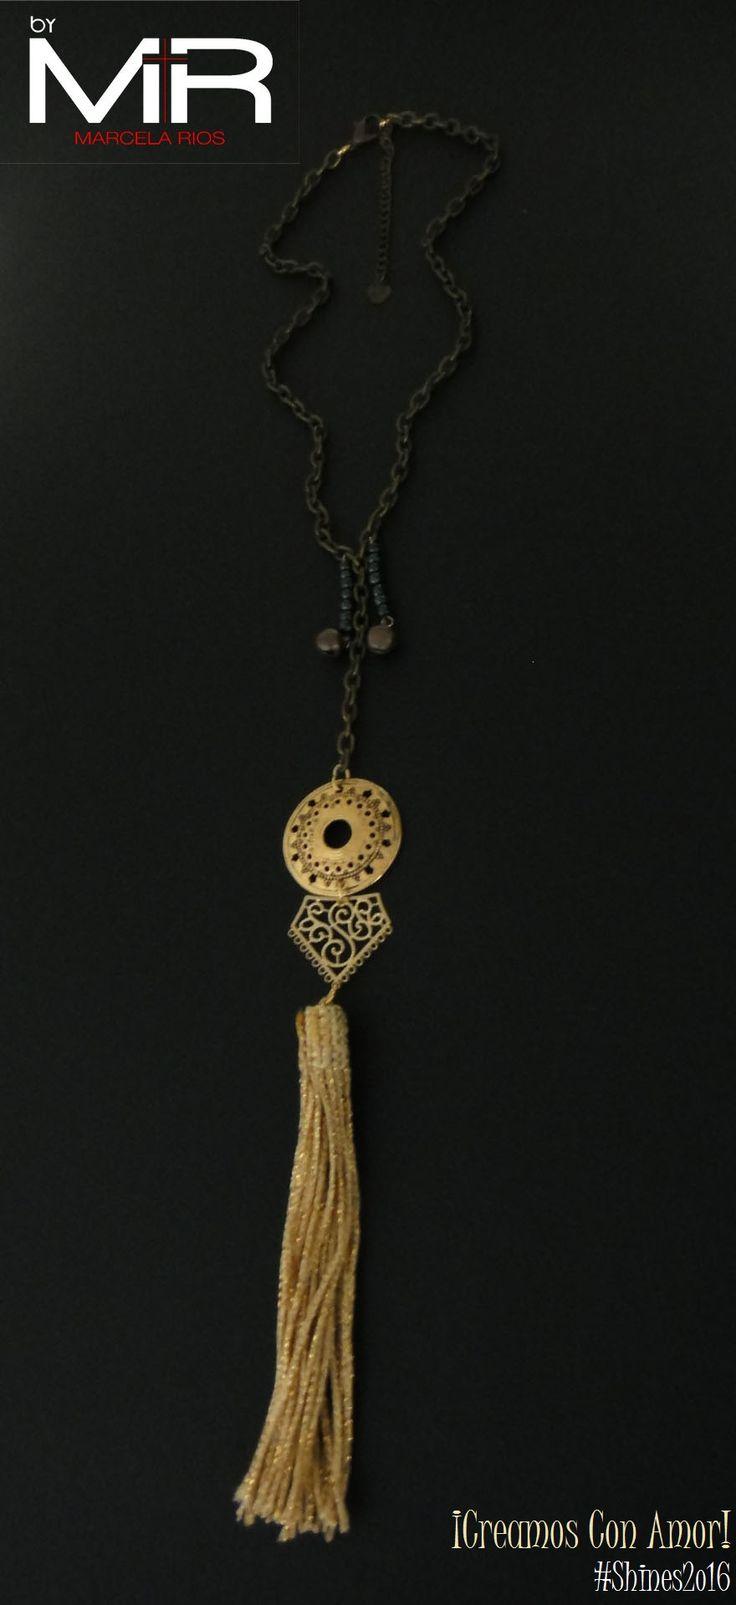 Línea: Shines2o16 Ref: VOO9 Cop:$28.ooo Descripción: Collar tipo gargantilla, hecho con cadena color bronce, 2 dijes campanita, adornada con una linda brooms color dorado.  ¡Te encantará!  *Sujeto a disponibilidad.